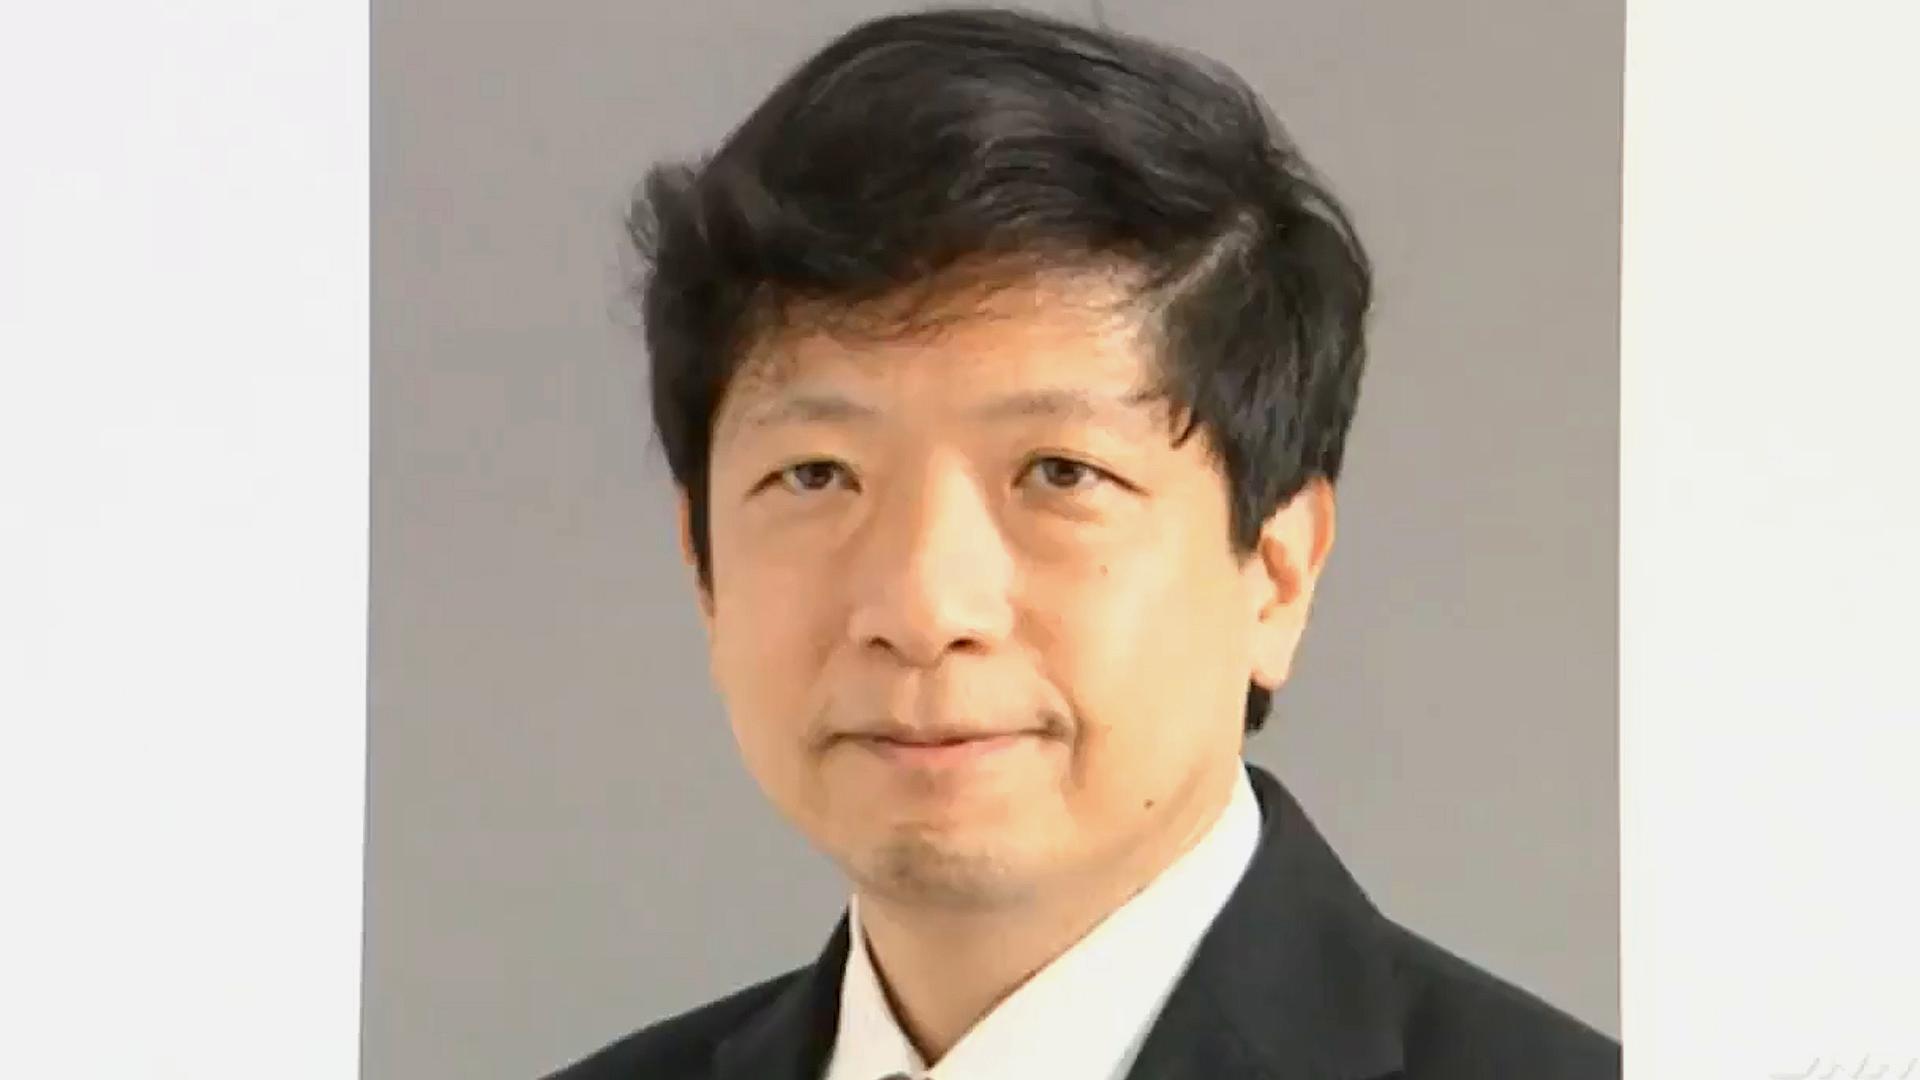 日本知名教授当街偷女性内裤被抓 曾获国家大奖